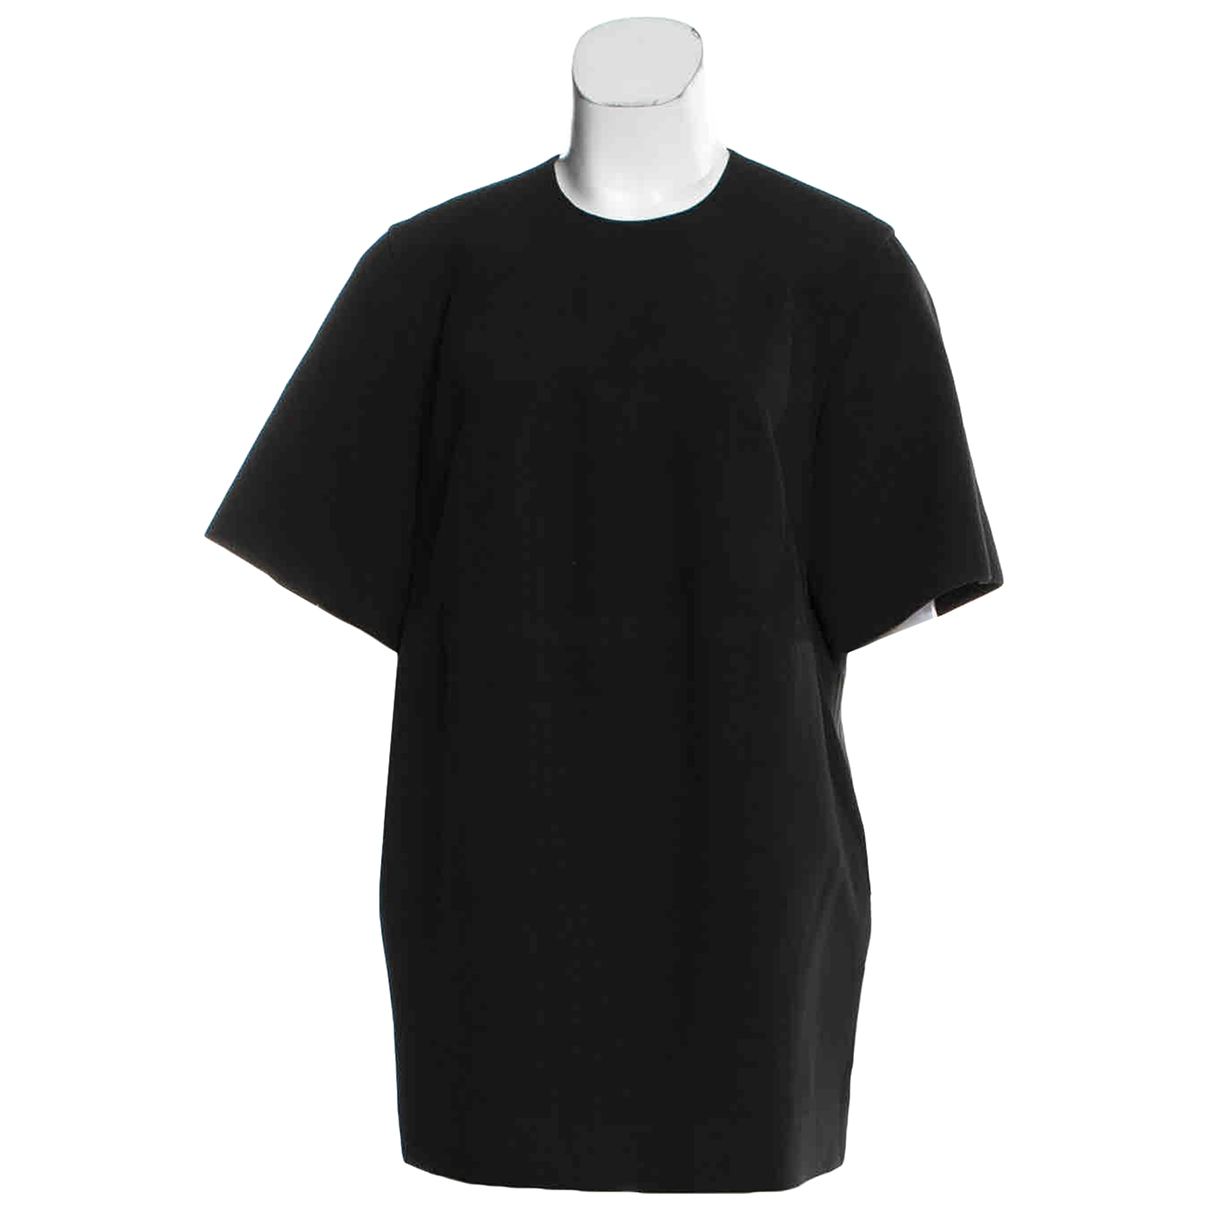 Celine \N Black dress for Women 38 FR